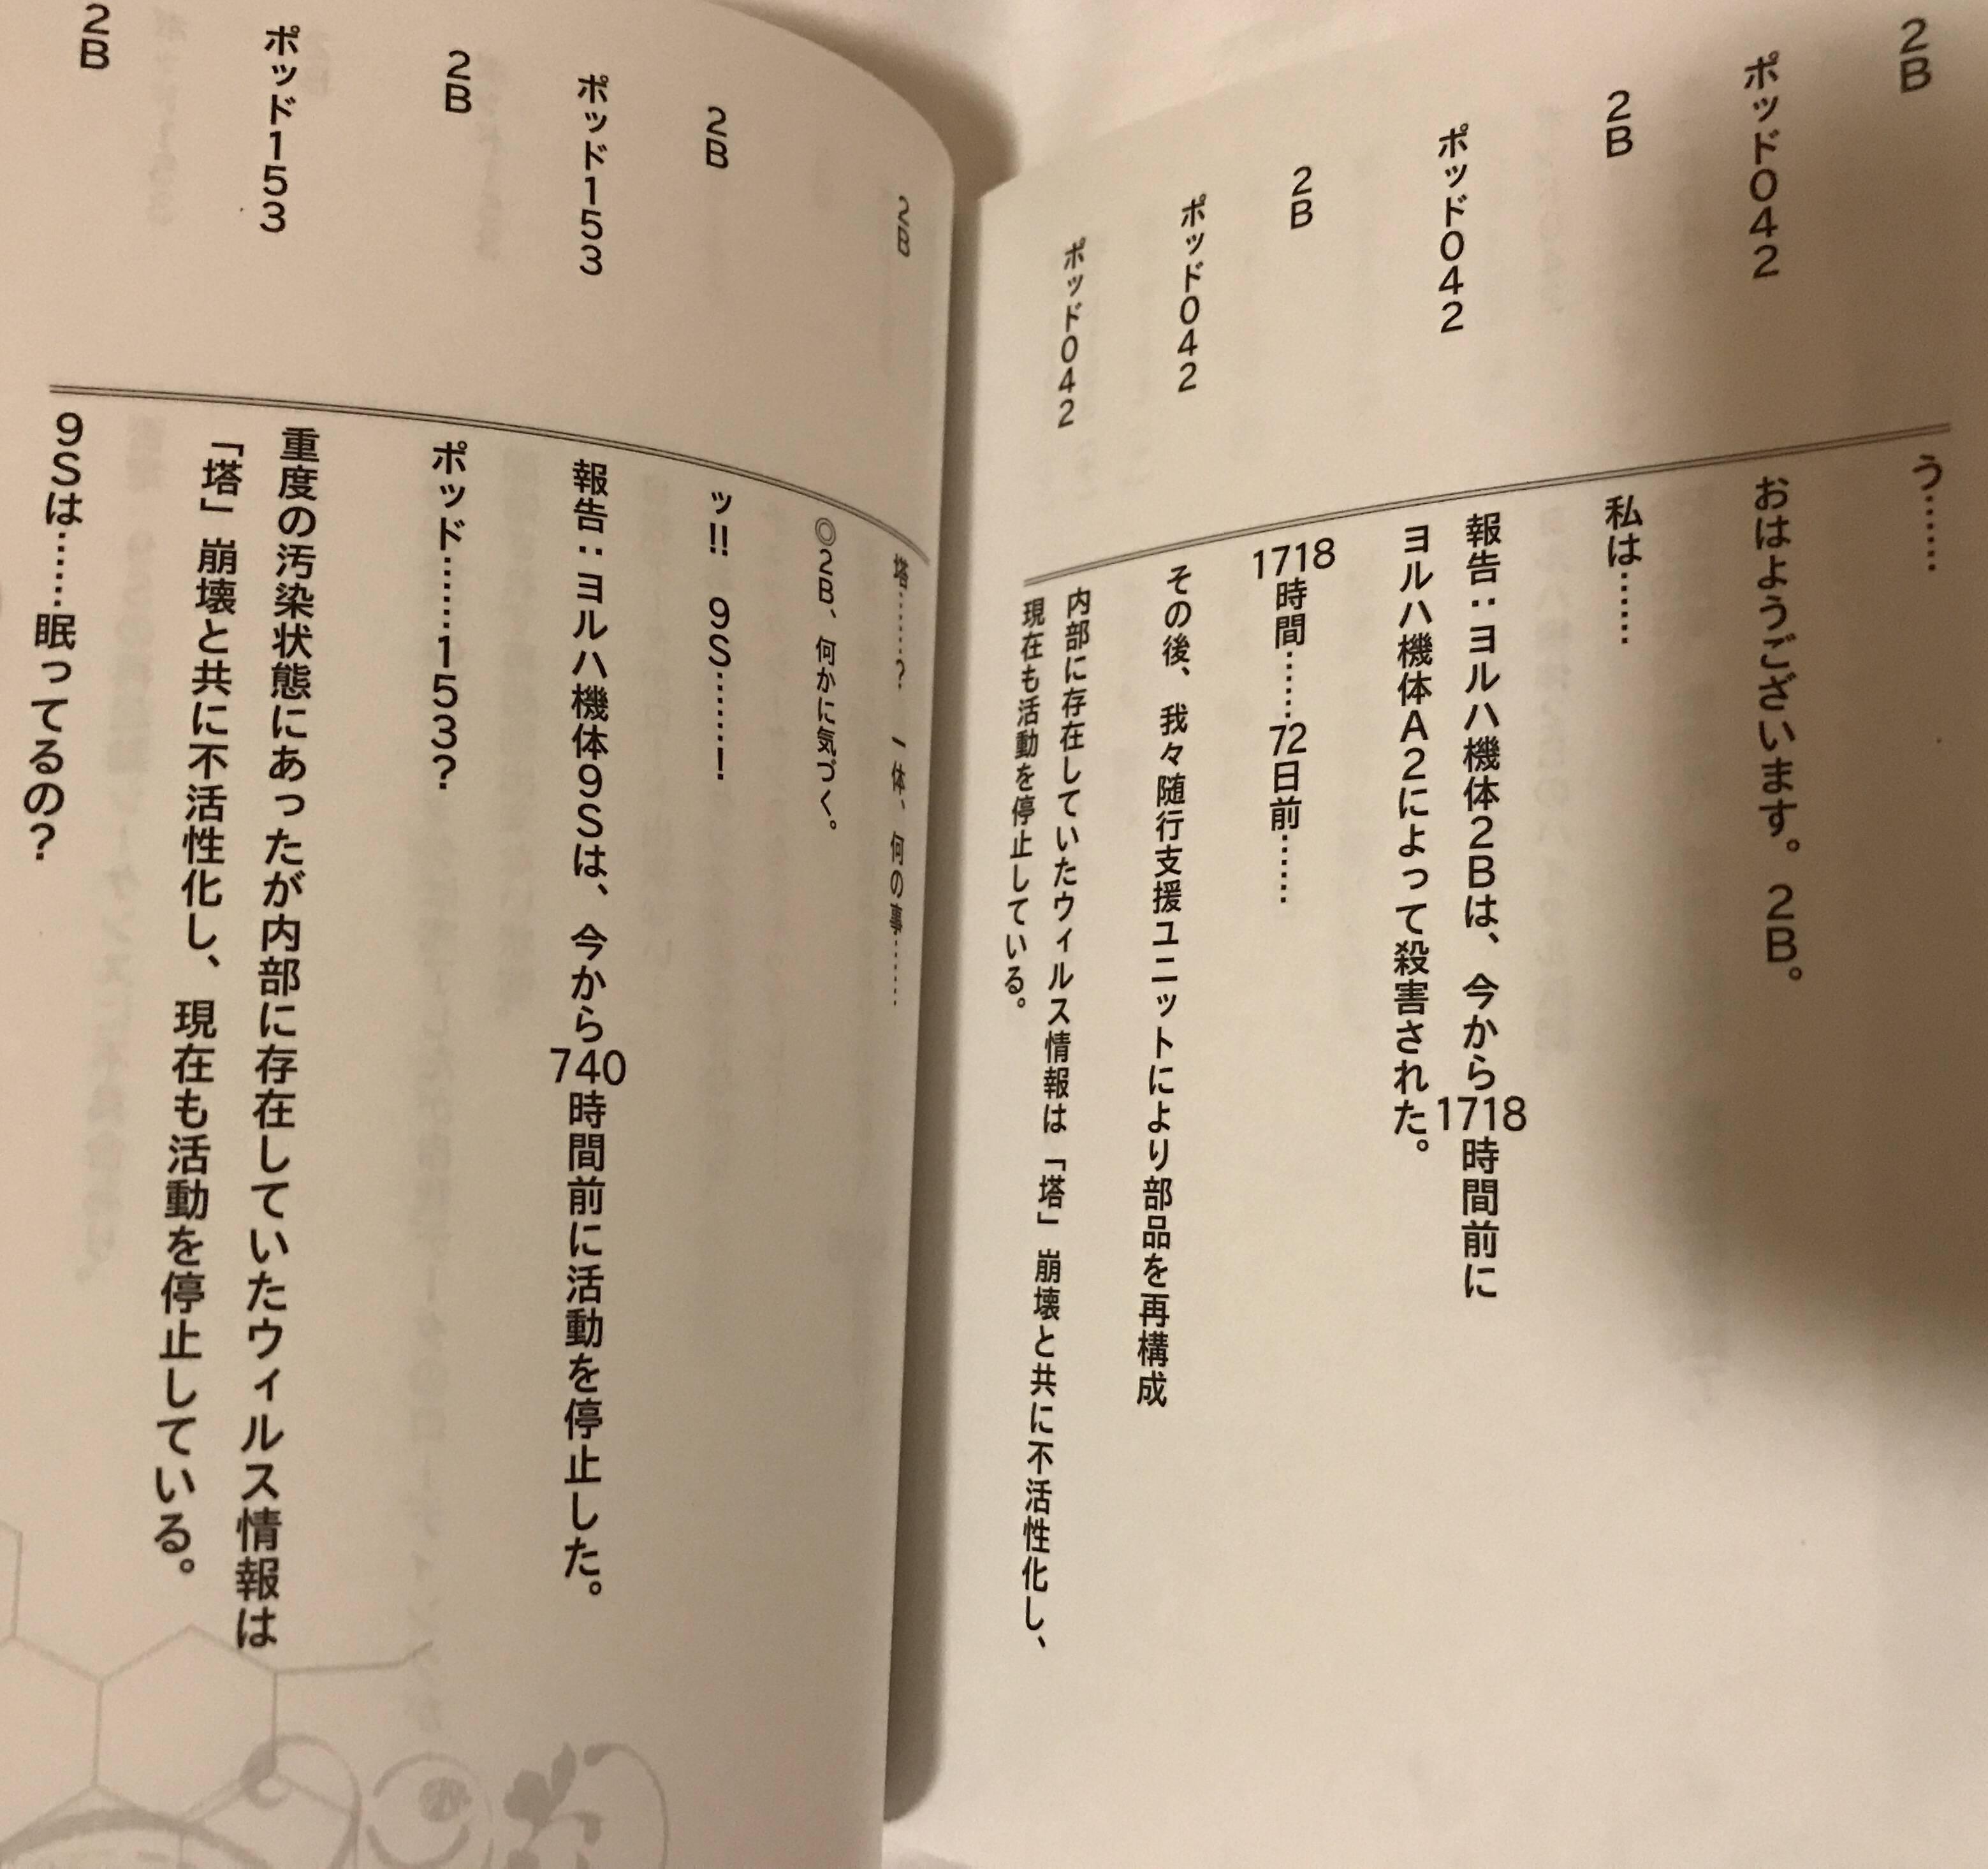 【ニーアオートマタ】2Bちゃんは健気可愛い by 限定台本より